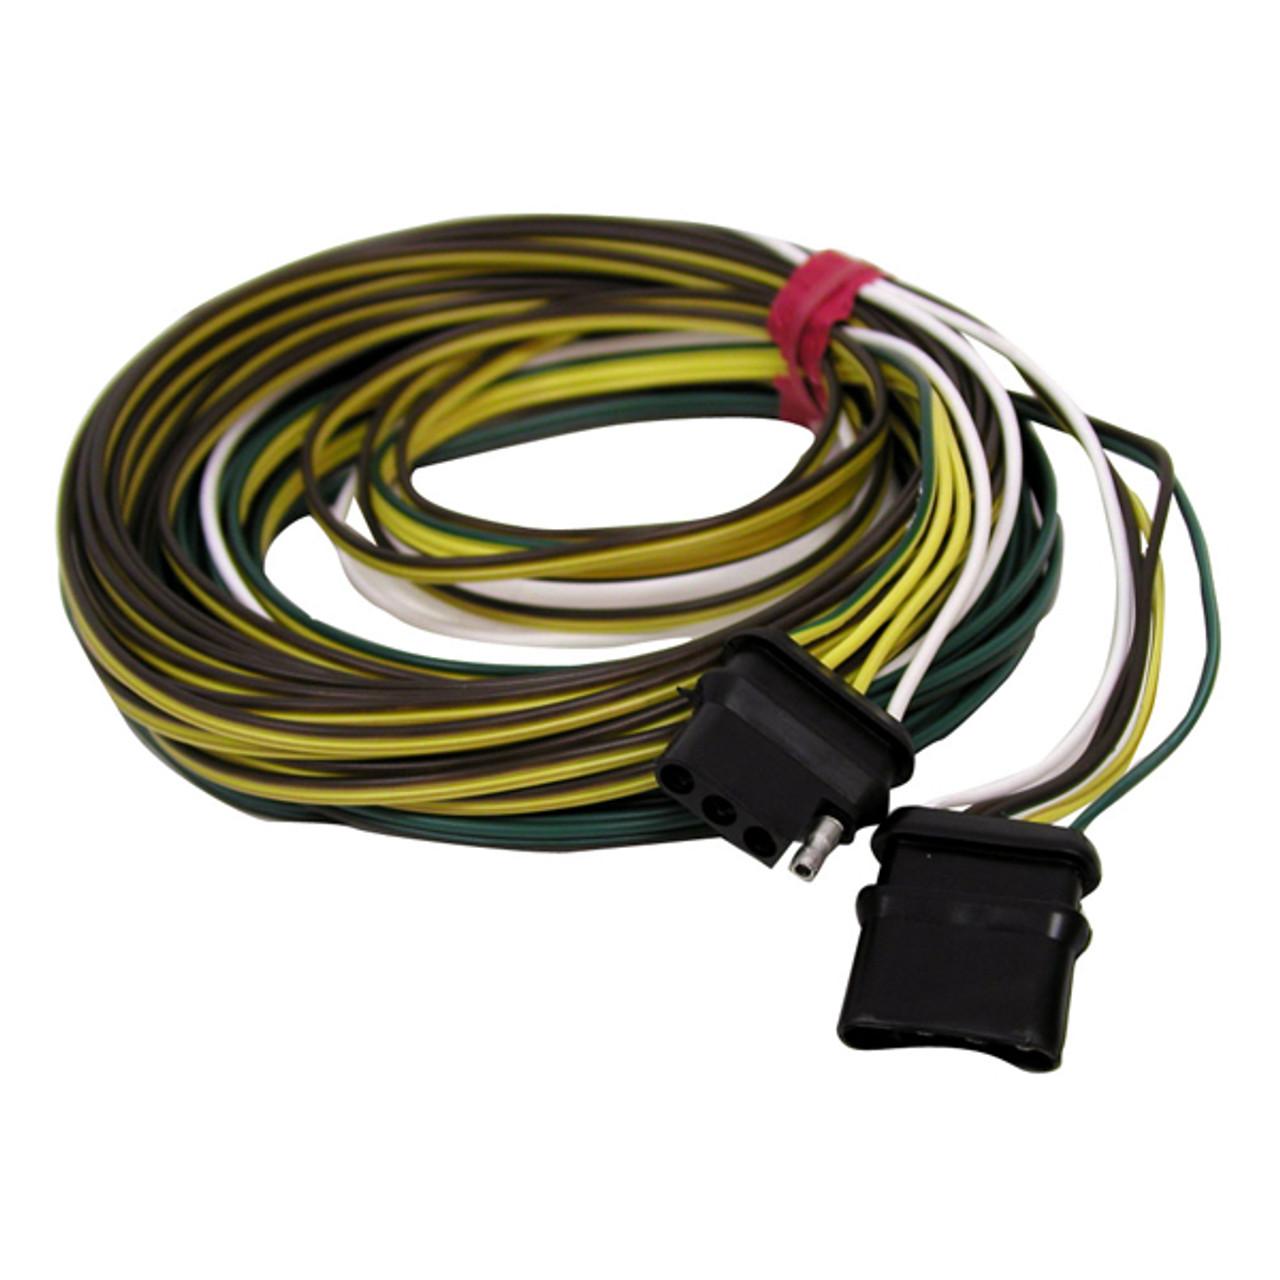 Anderson 4-Way Flat Wishbone Trailer Wire Harness   Wishbone Wire Harness      Wholesale Marine